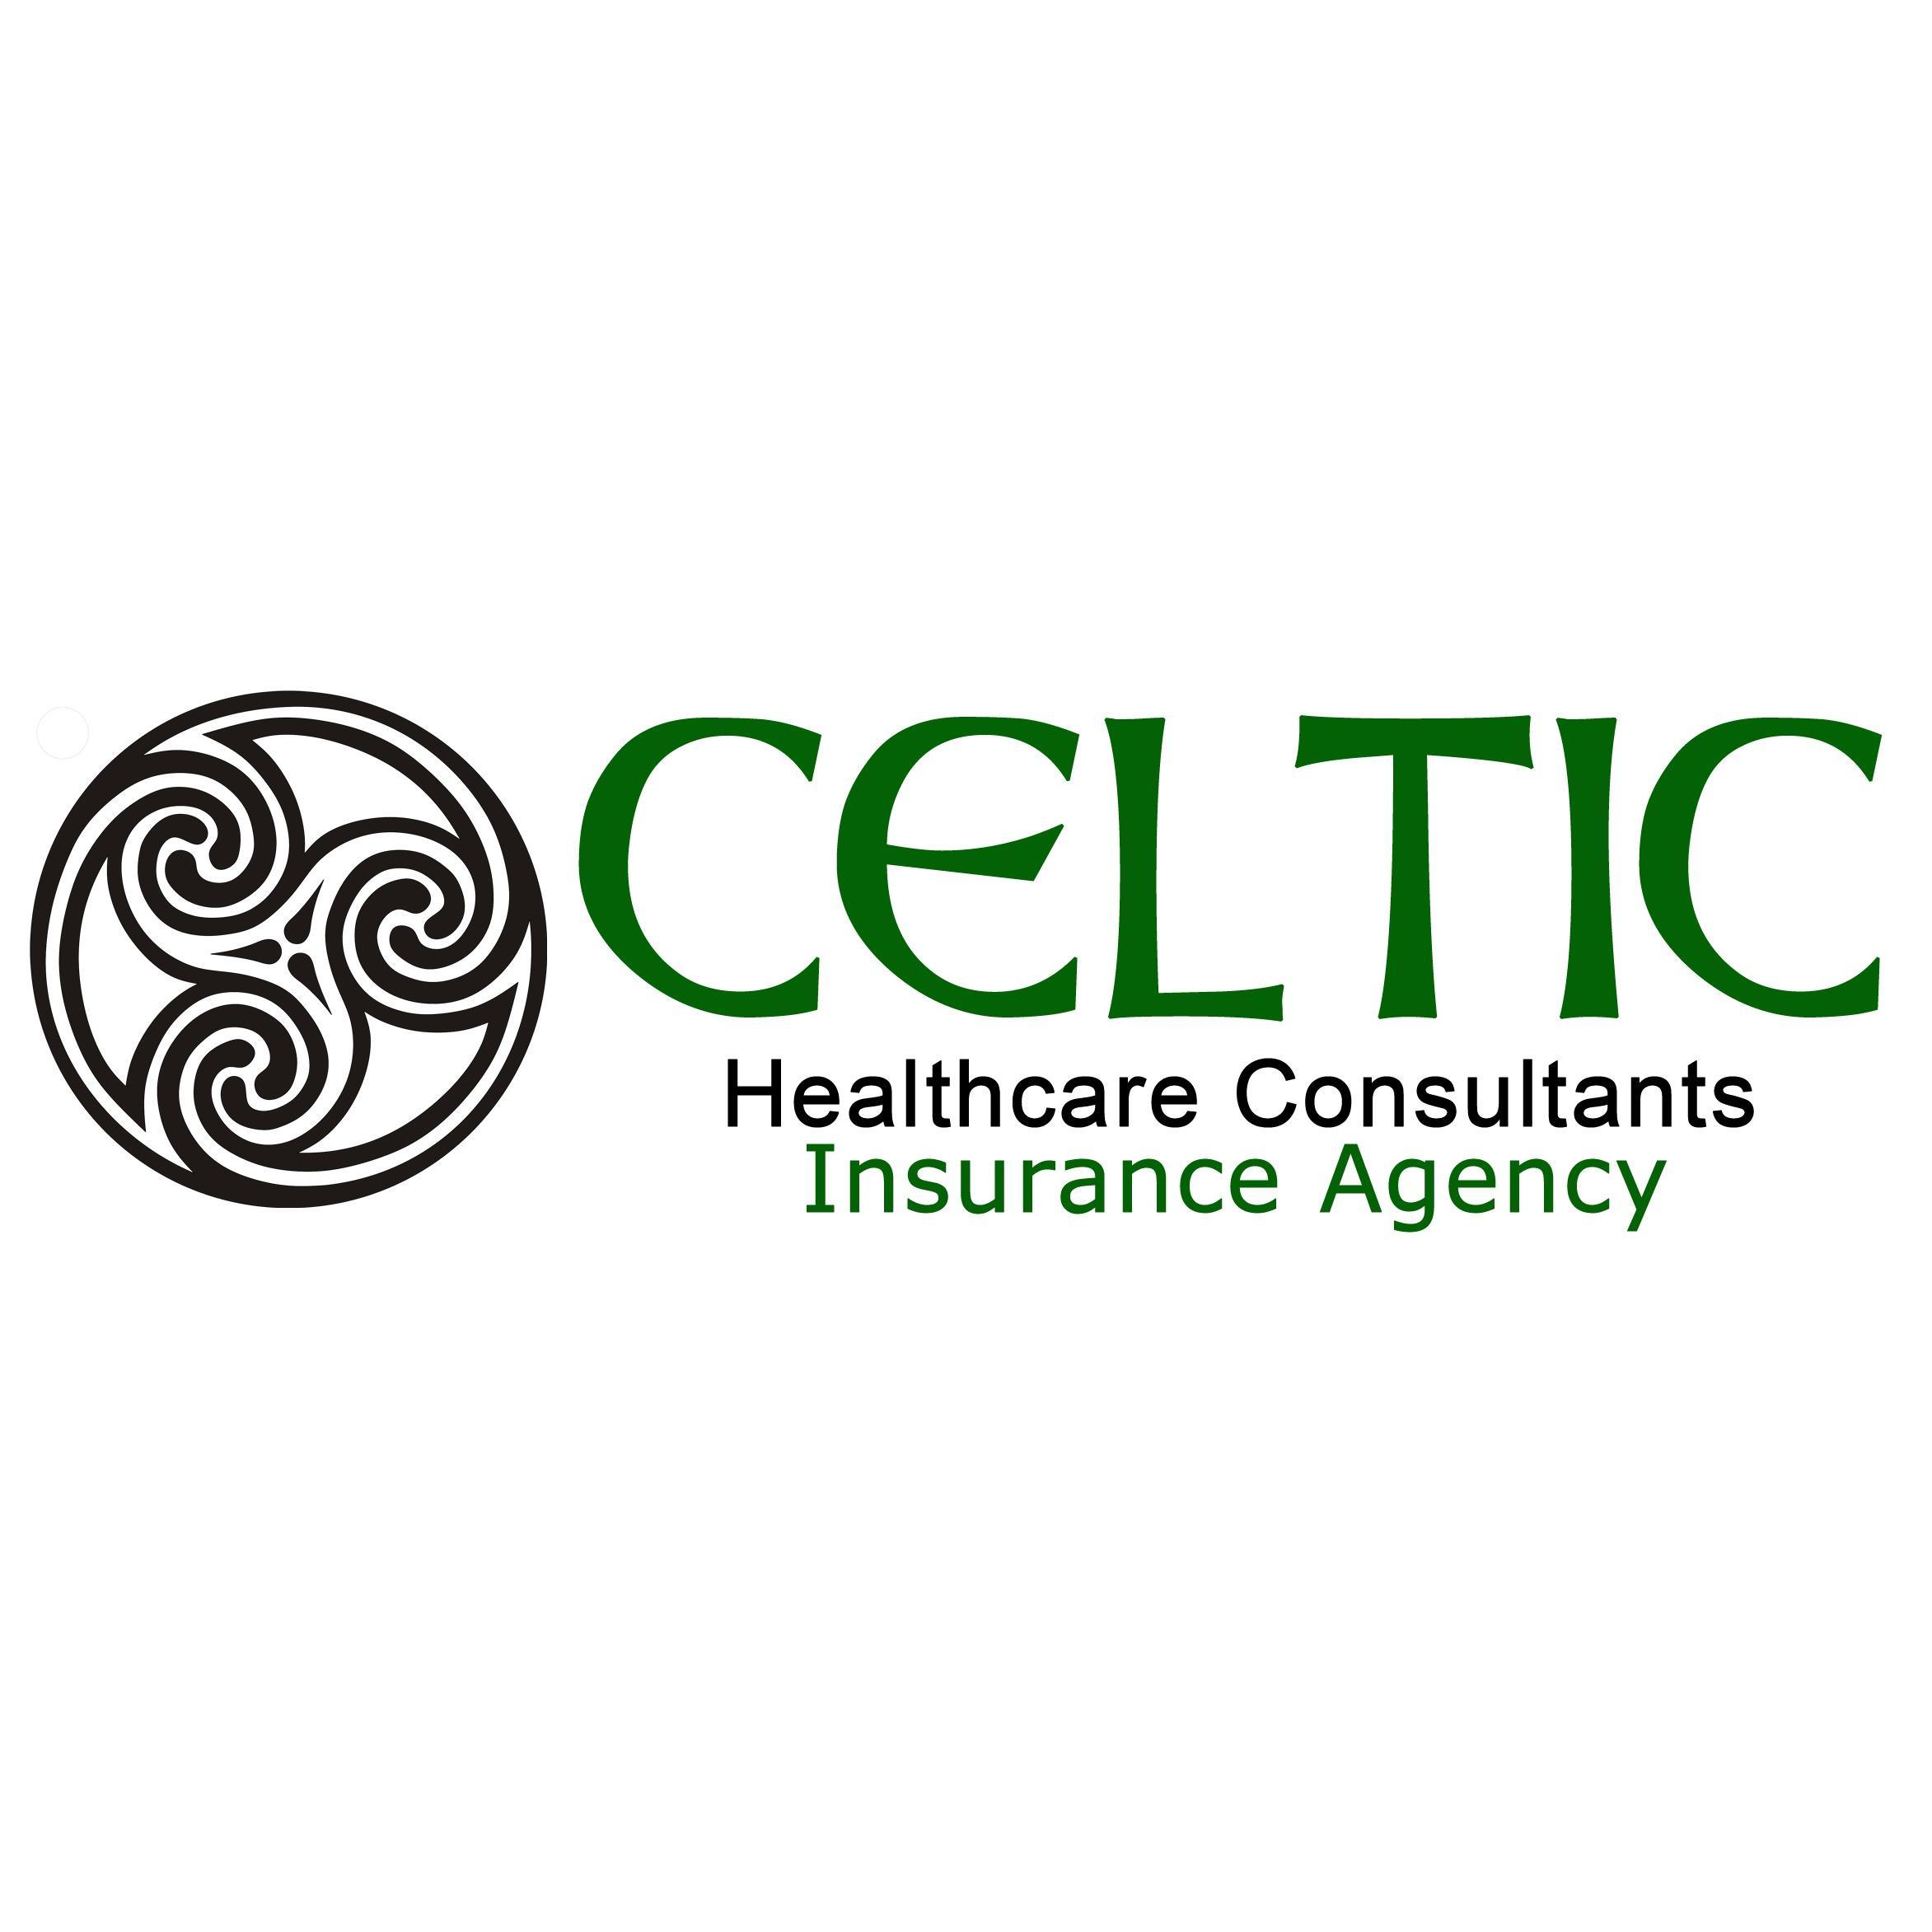 Celtic Healthcare Consultants